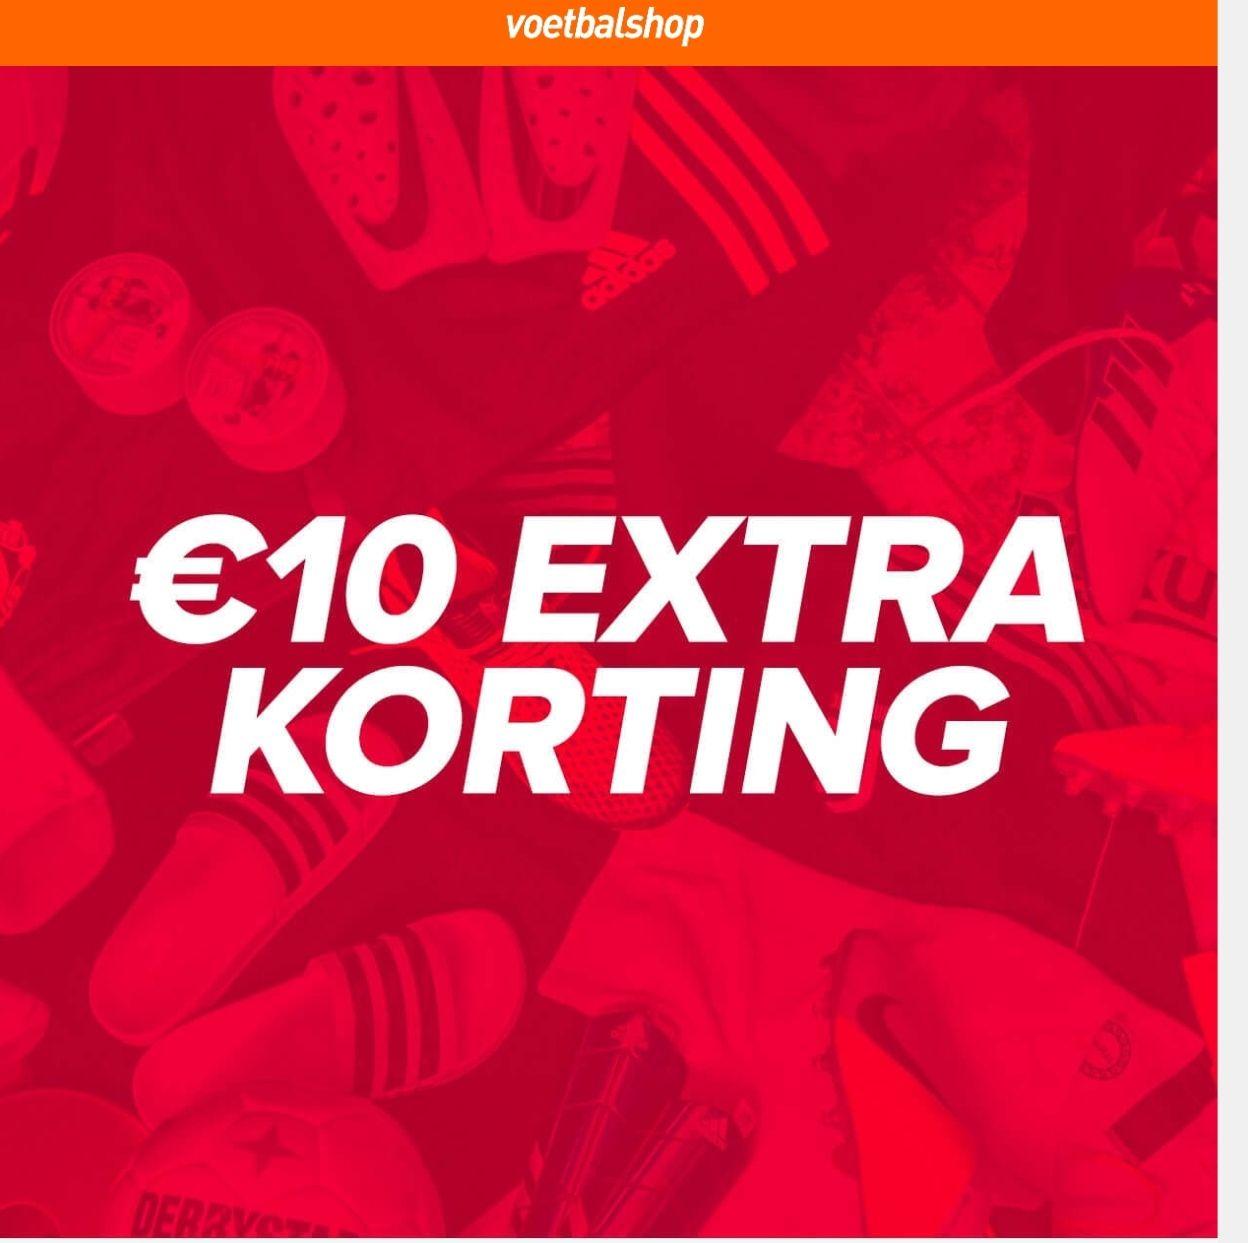 10 euro korting op alles bij voetbalshop.nl